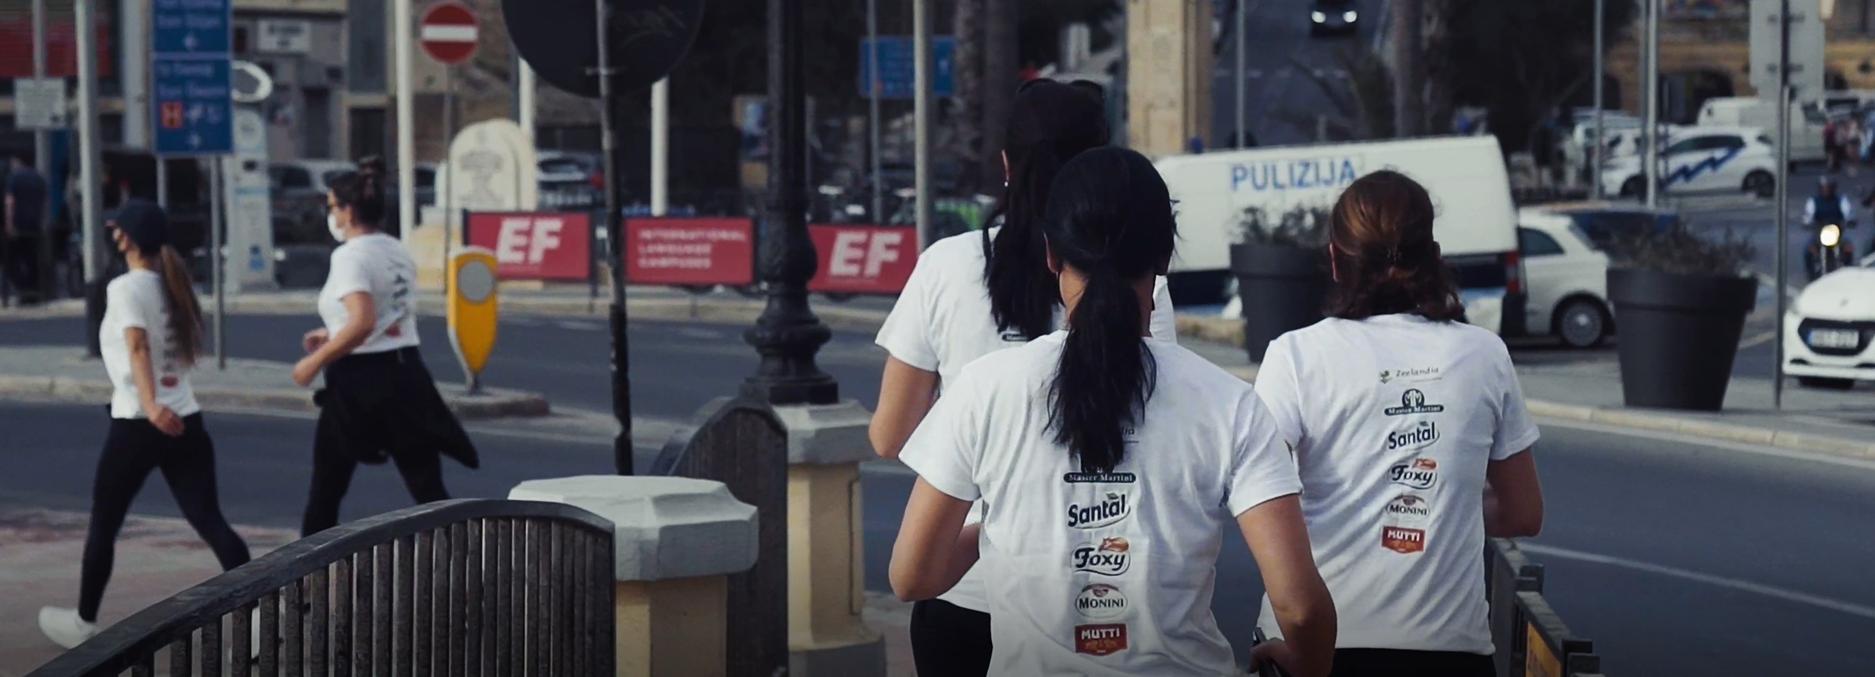 Fun Run in Aid of The Malta Trust Foundation